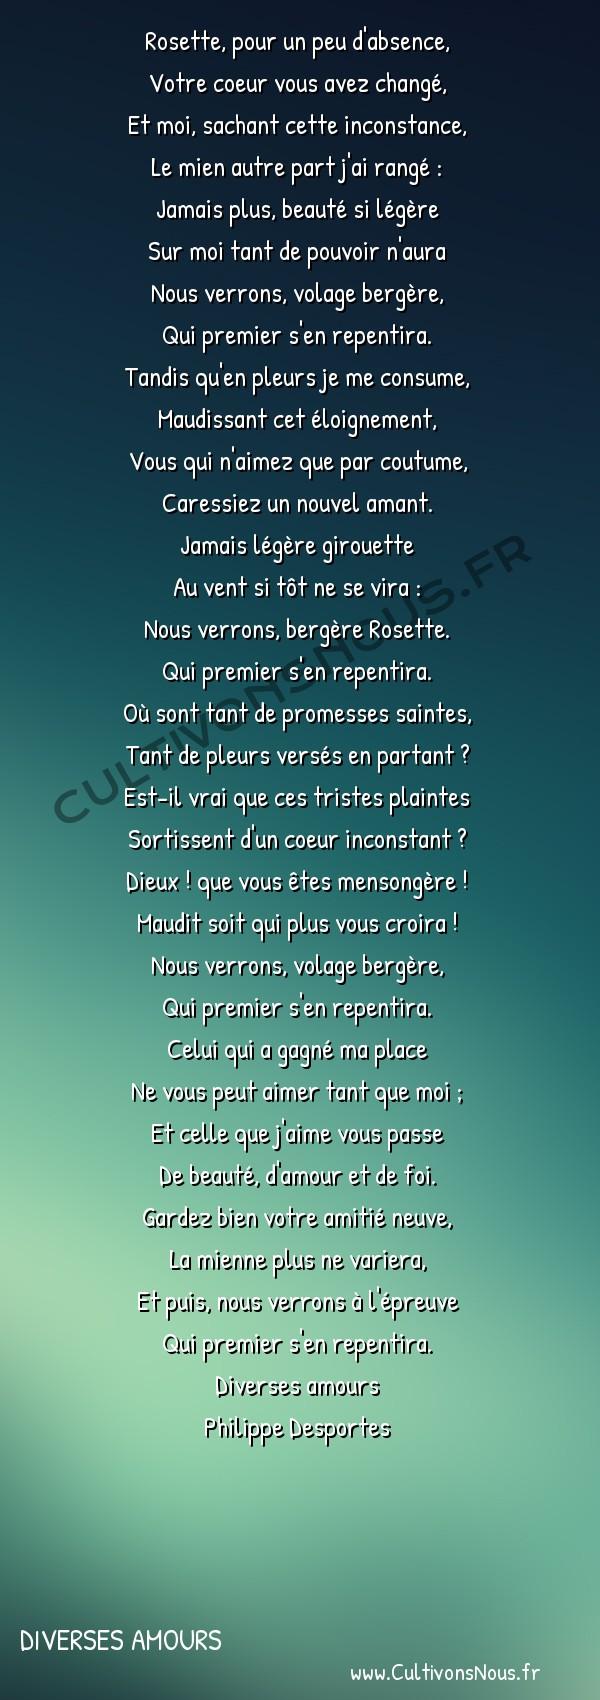 Poésie Philippe Desportes - Diverses amours - Rosette pour un peu d'absence -  Rosette, pour un peu d'absence, Votre coeur vous avez changé,